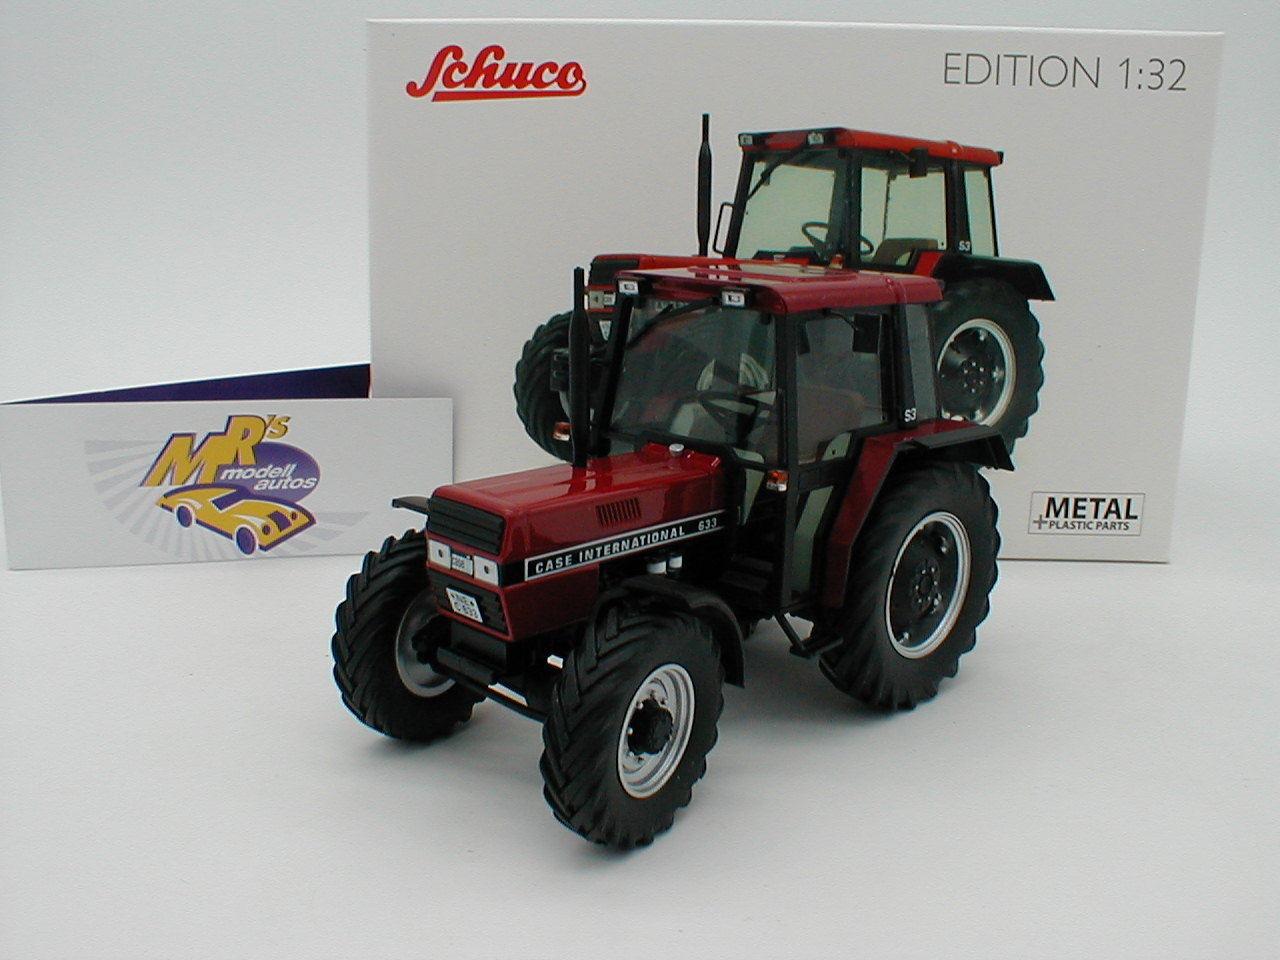 Descuento del 70% barato Schuco 07794-case International 633 con cabina año de fabricación fabricación fabricación 1976 en  rojo  1 32  Mejor precio